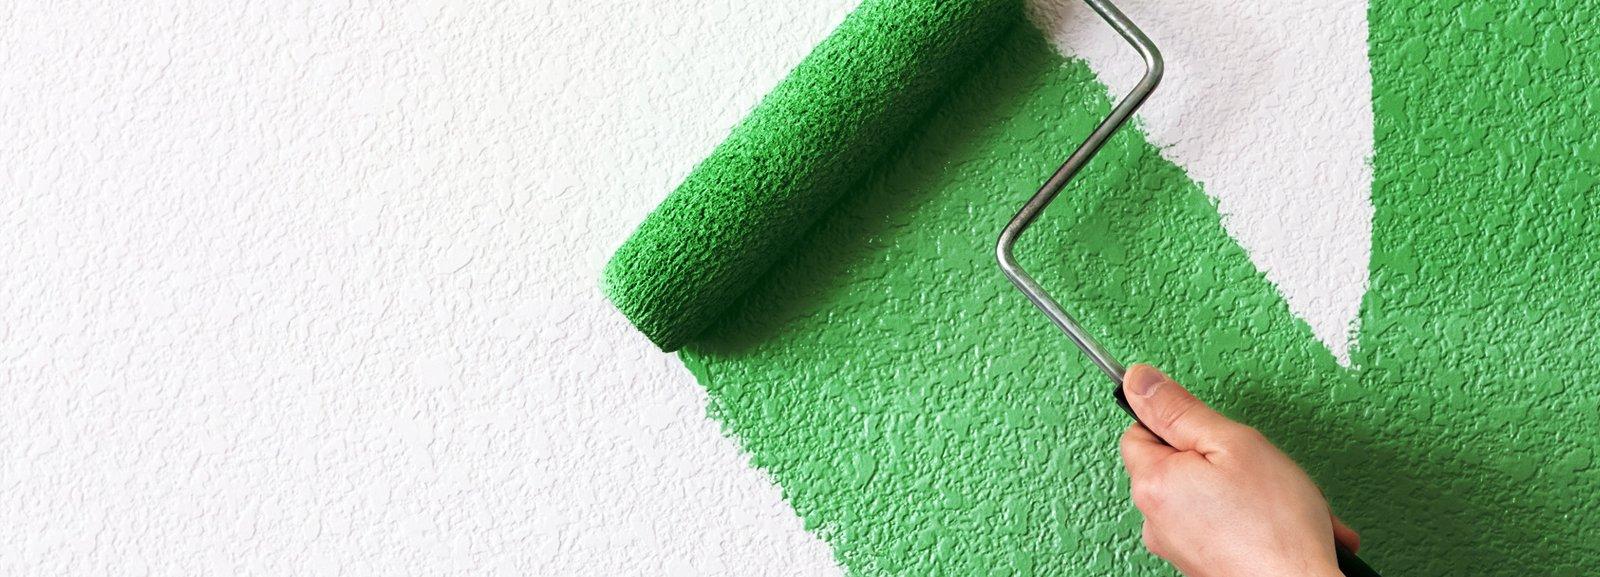 Parete verde in soggiorno, blu in camera - Cose di Casa